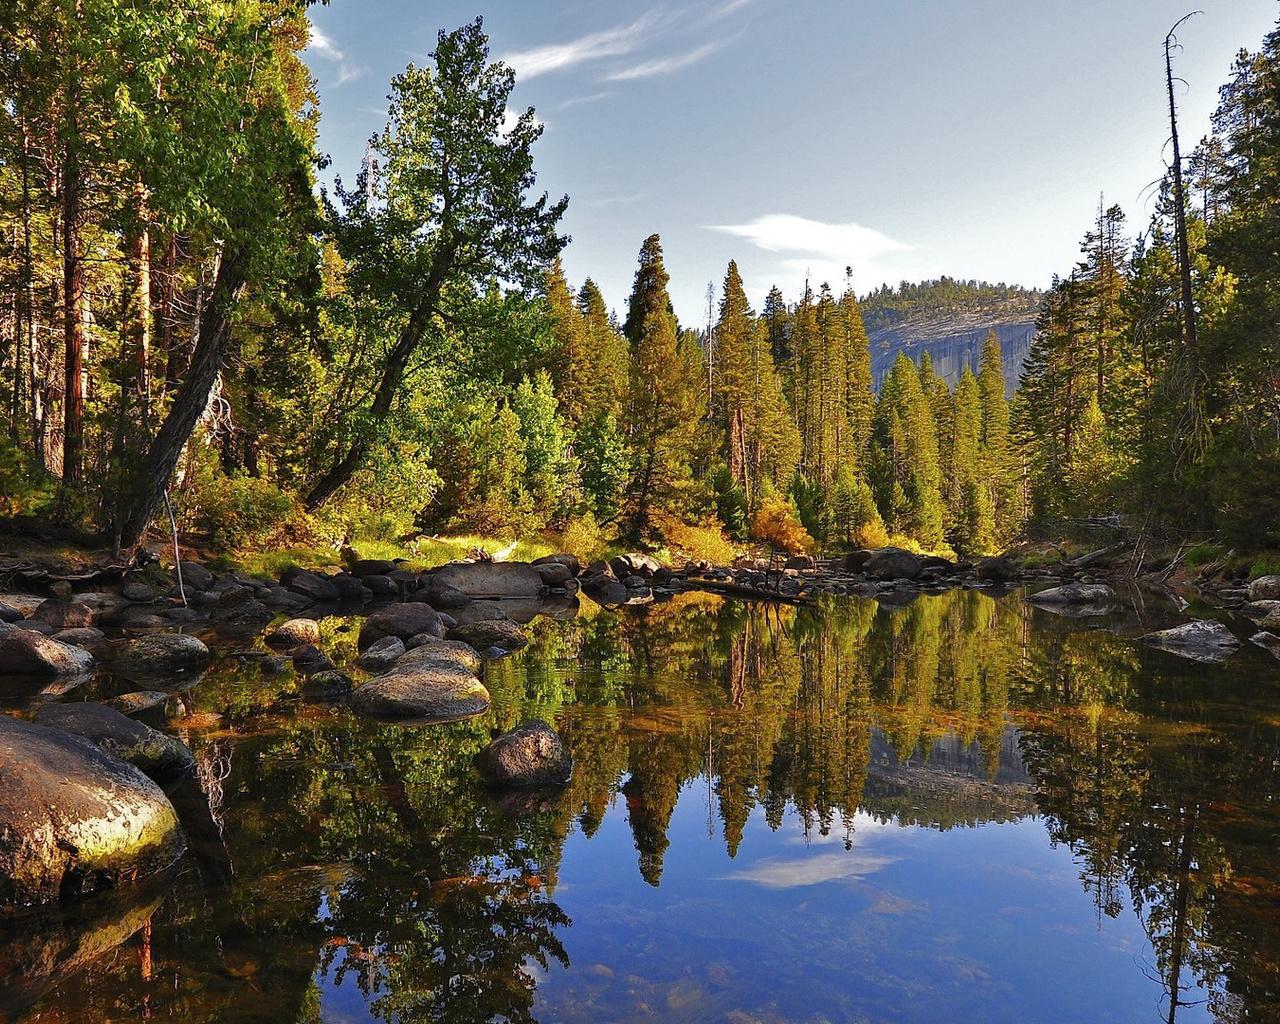 ручей, лес, вода, горы, деревья, камни, небо, красота, отражение